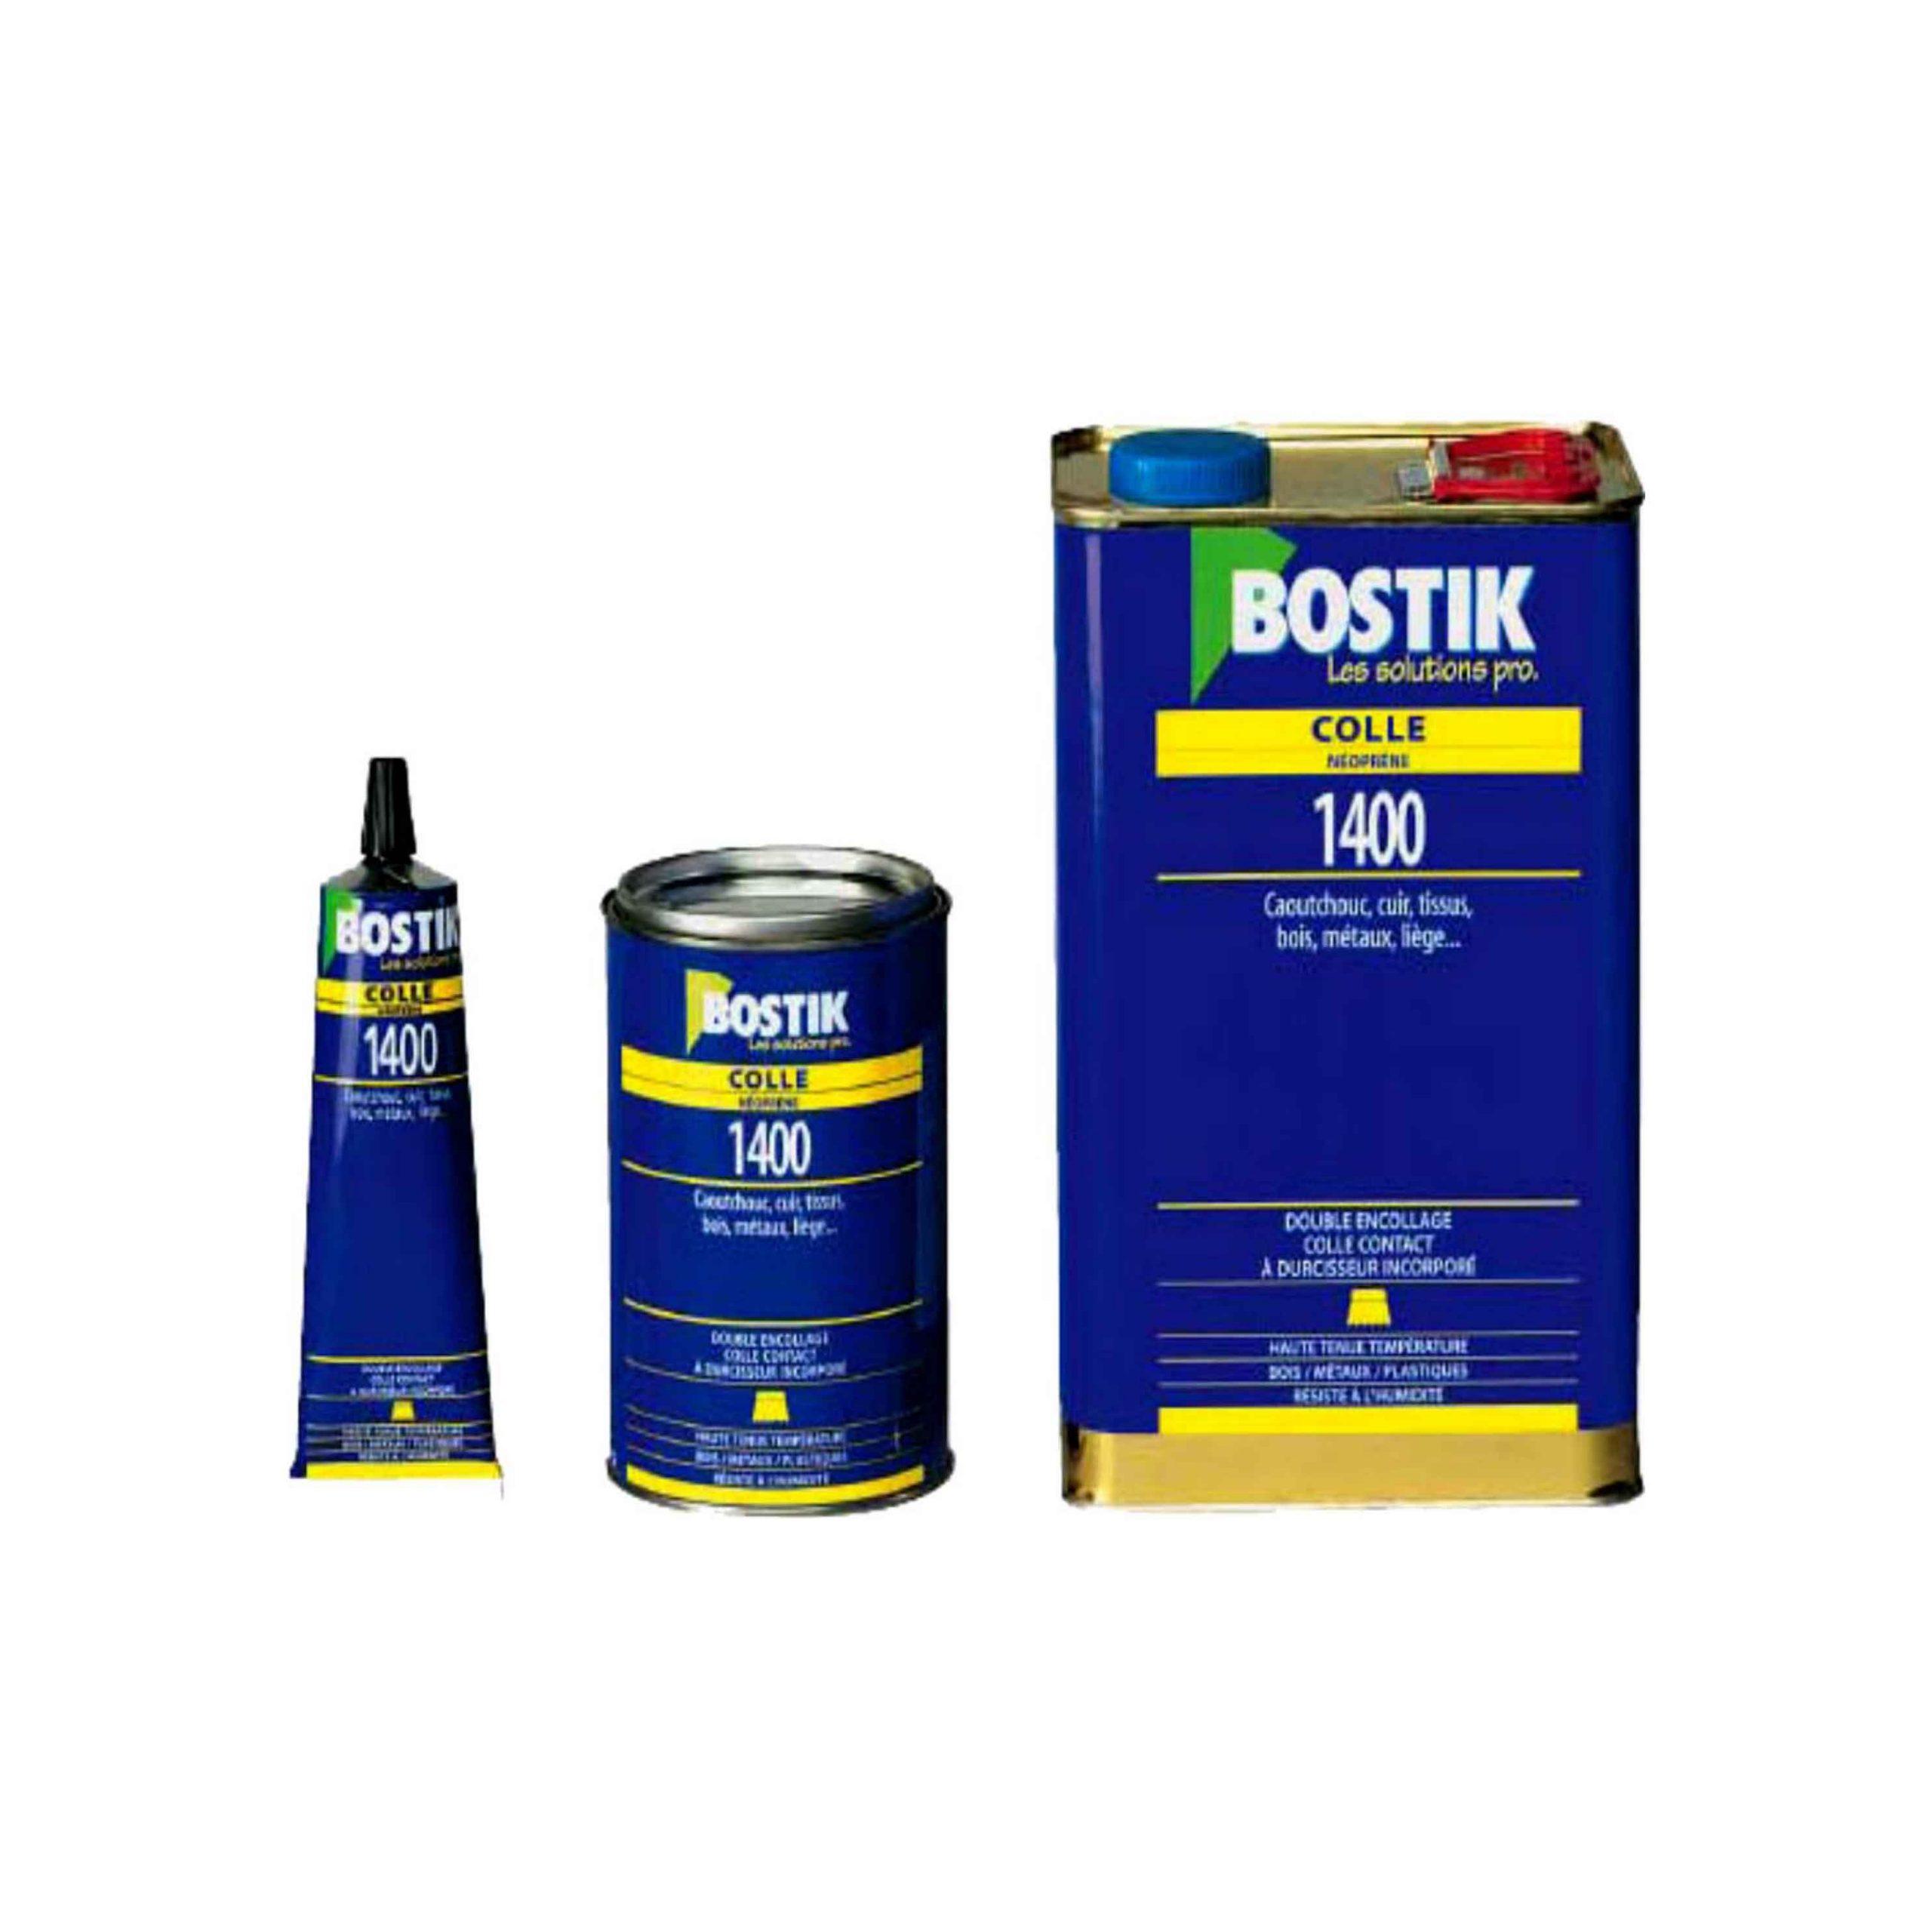 BOSTIK_1400_REF_8500_COLLE_BSB_CAOUTCHOUCS_PLASTIQUES